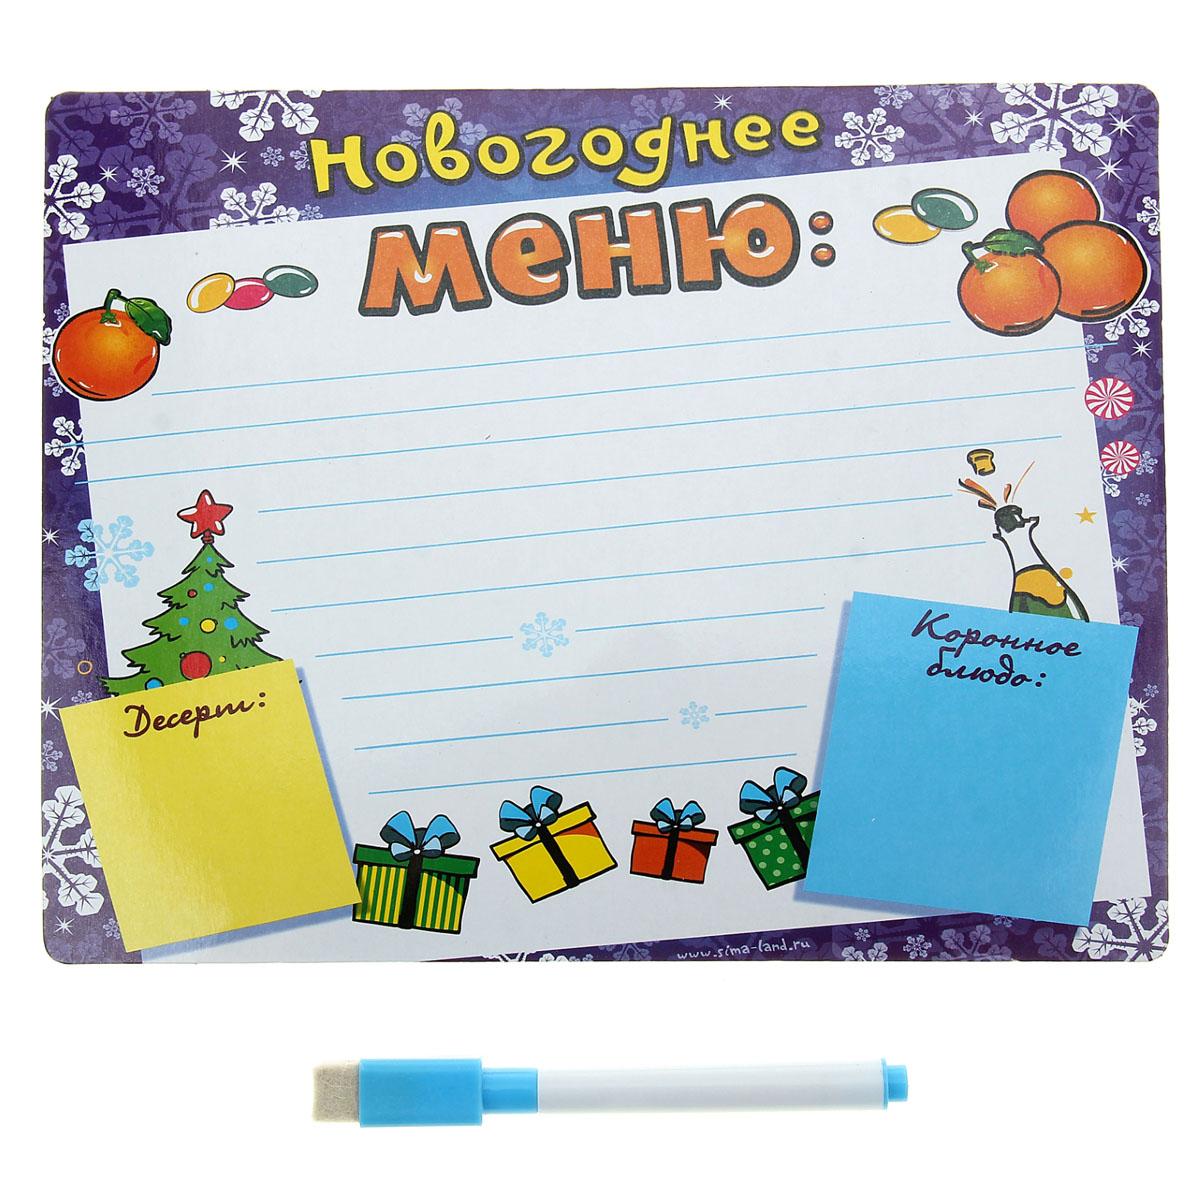 Магнитная доска для записей Новогоднее меню, с маркером, 22 см х 17 см279384Оригинальная магнитная доска Новогоднее меню выполнена из плотного картона. Имеется поле для записей, где можно записывать важную информацию, напоминания, рецепты или, к примеру, оставлять пожелания для членов семьи. Обратная сторона снабжена двумя магнитами, благодаря чему доску можно легко прикрепить к холодильнику. К доске прилагается черный маркер-магнит для созданий записей, колпачок которого оснащен войлочным наконечником для удаления старых посланий. Такая доска станет необычным приятным сувениром.